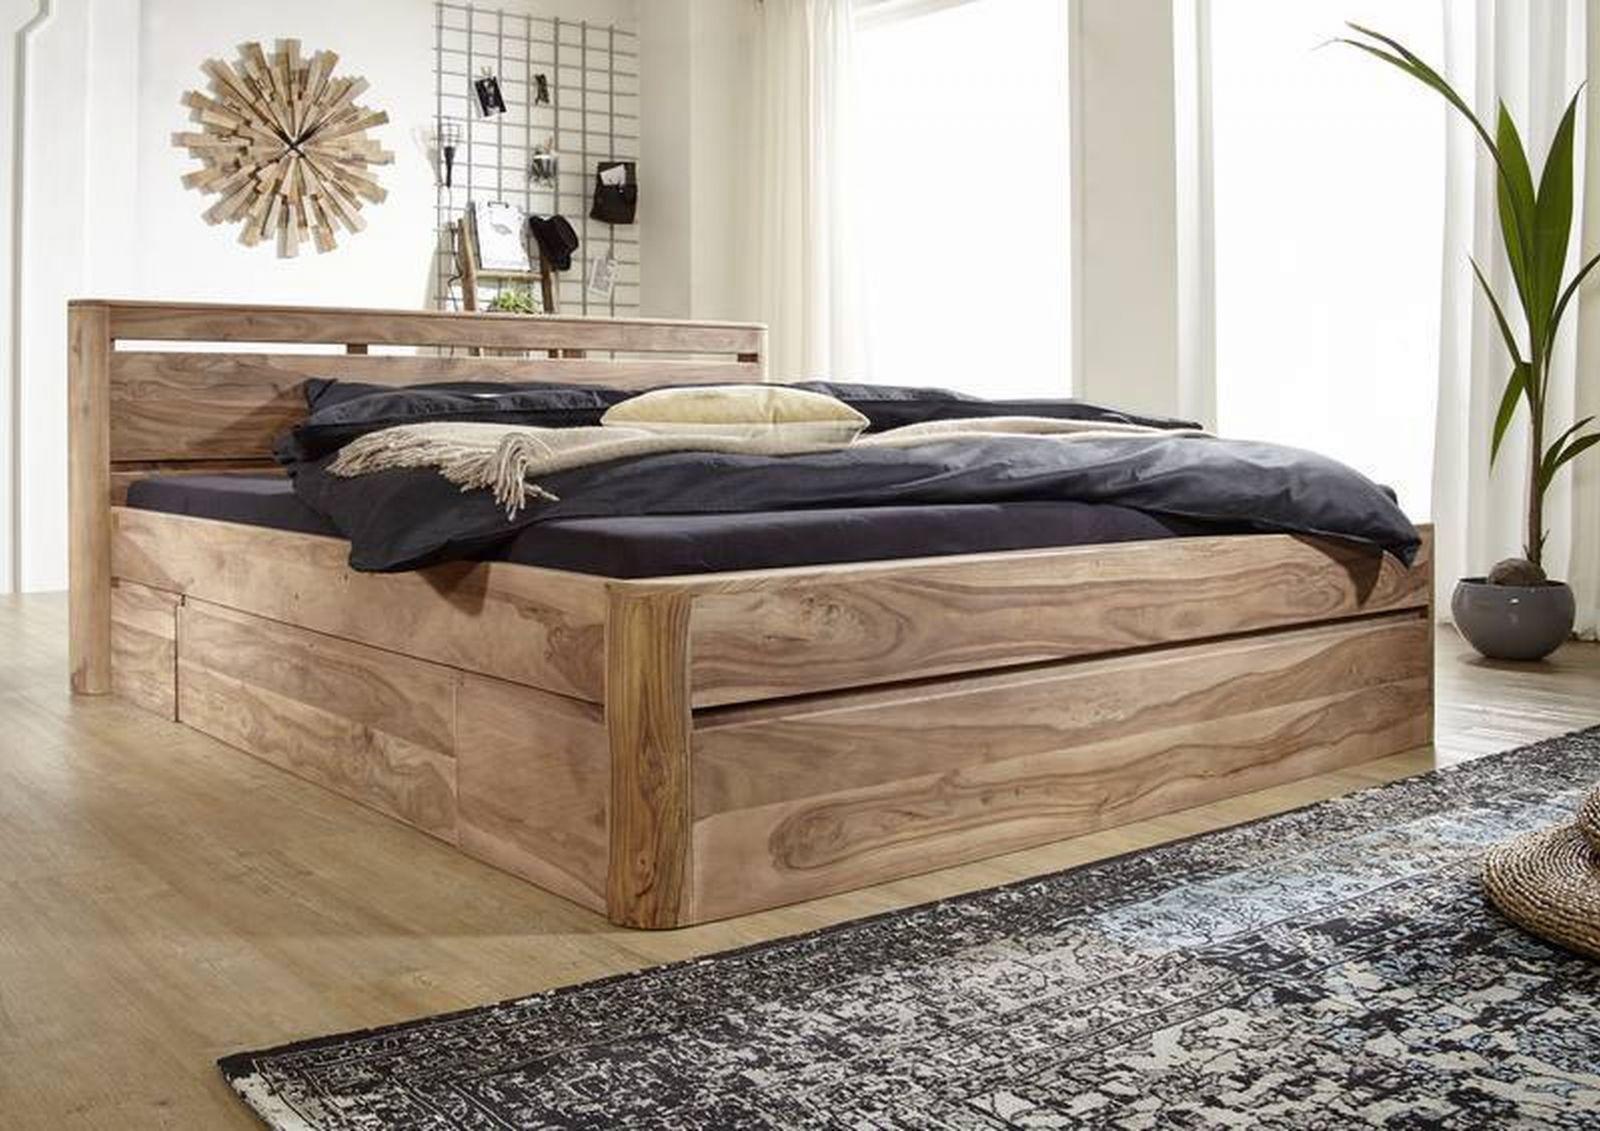 Full Size of Betten 100x200 Tempur Wohnwert überlänge Münster Weiße Ruf Rauch 140x200 Test Günstig Kaufen Amerikanische Landhausstil Bett Betten 200x200